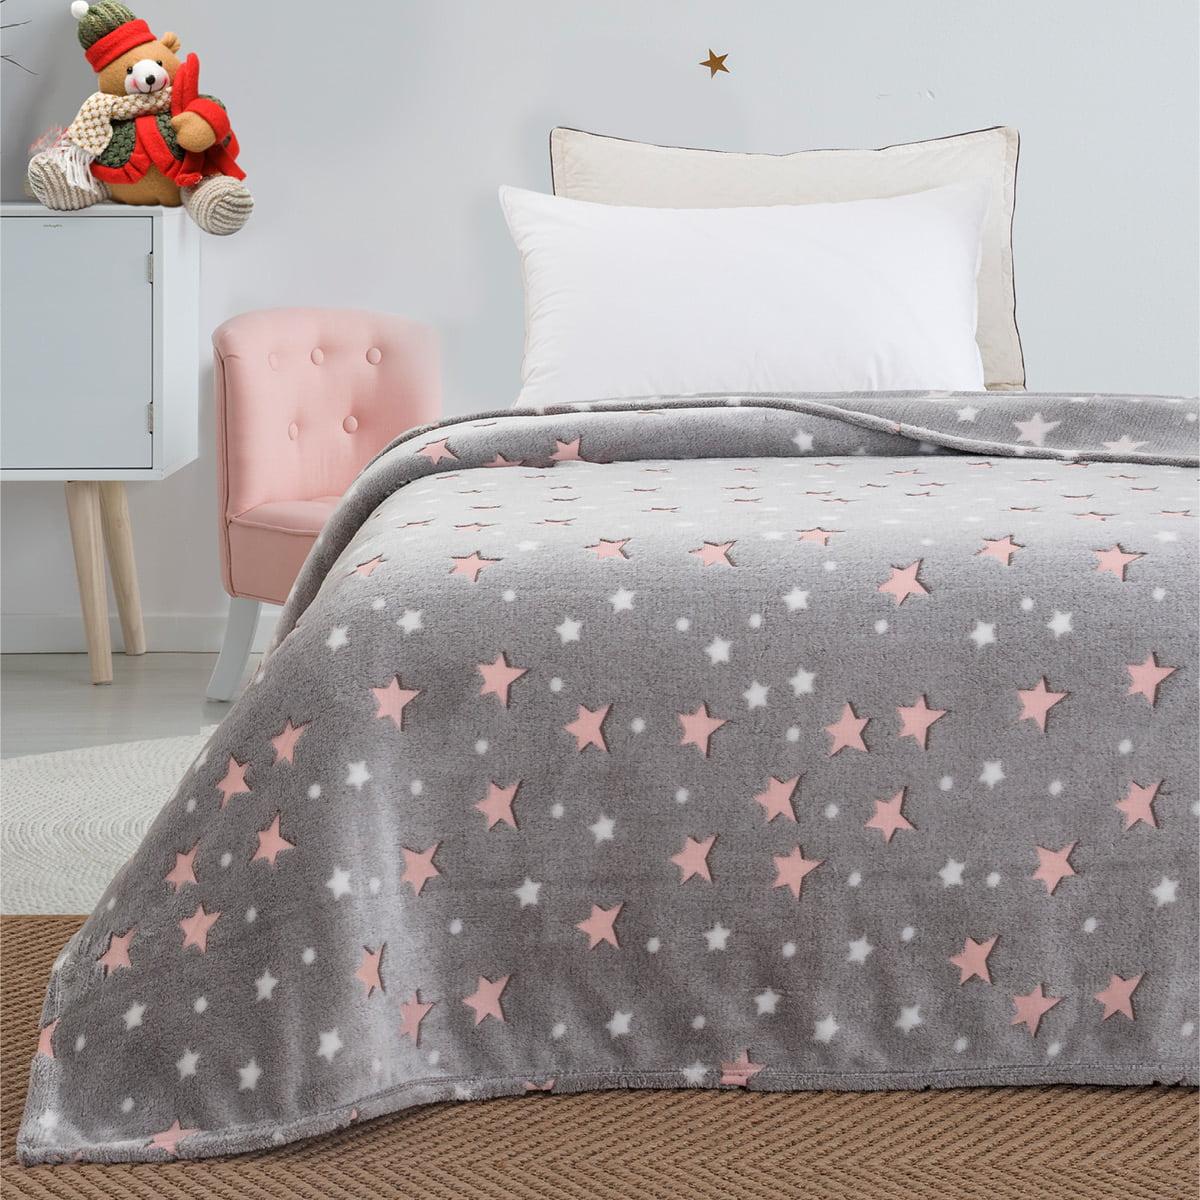 Κουβέρτα υπέρδιπλη φωσφορίζουσα Art 1991 220x240 Γκρι Beauty Home